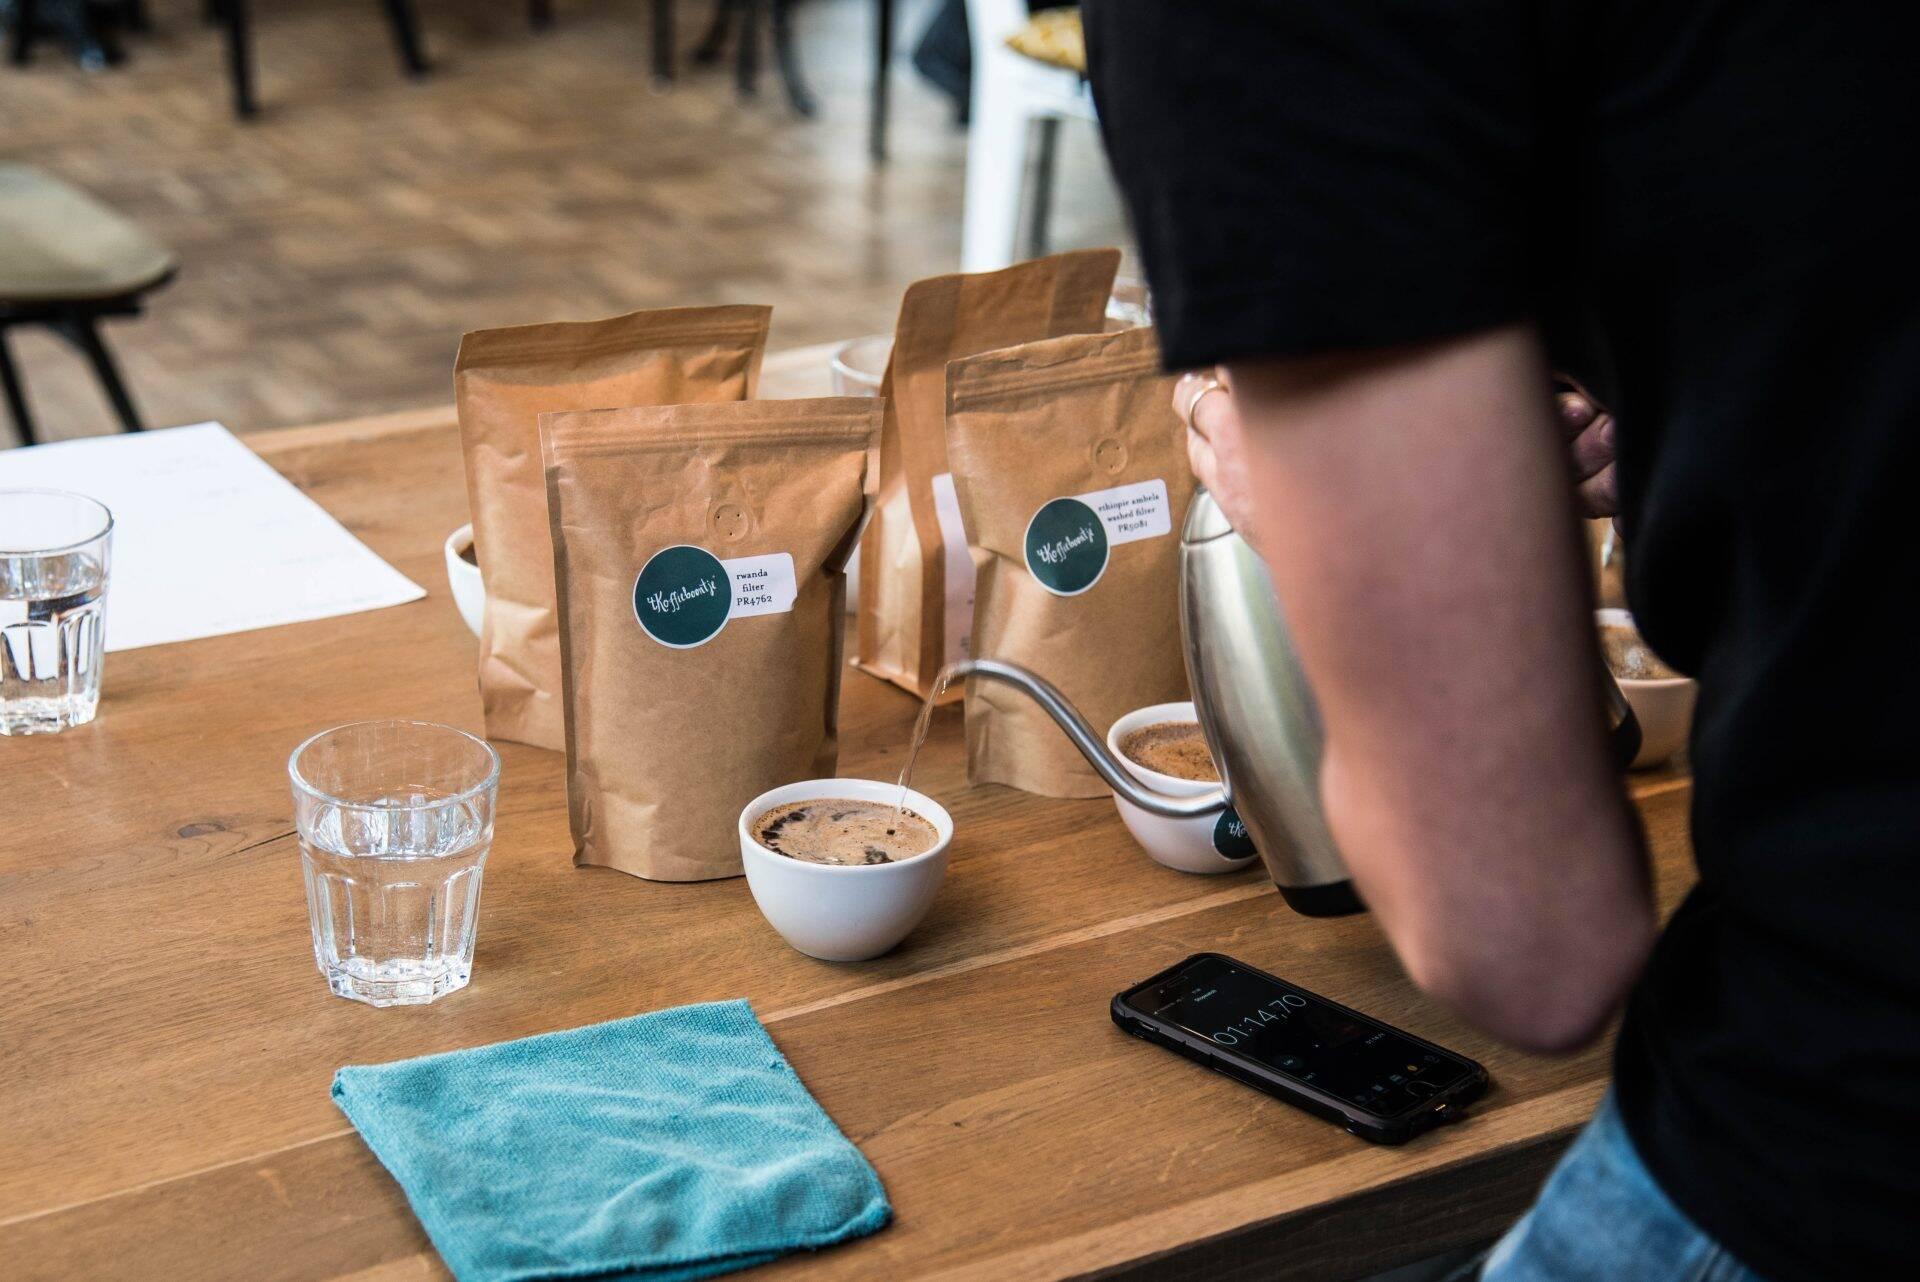 Water toevoegen aan de koffie, ongeveer 4 minuten laten trekken